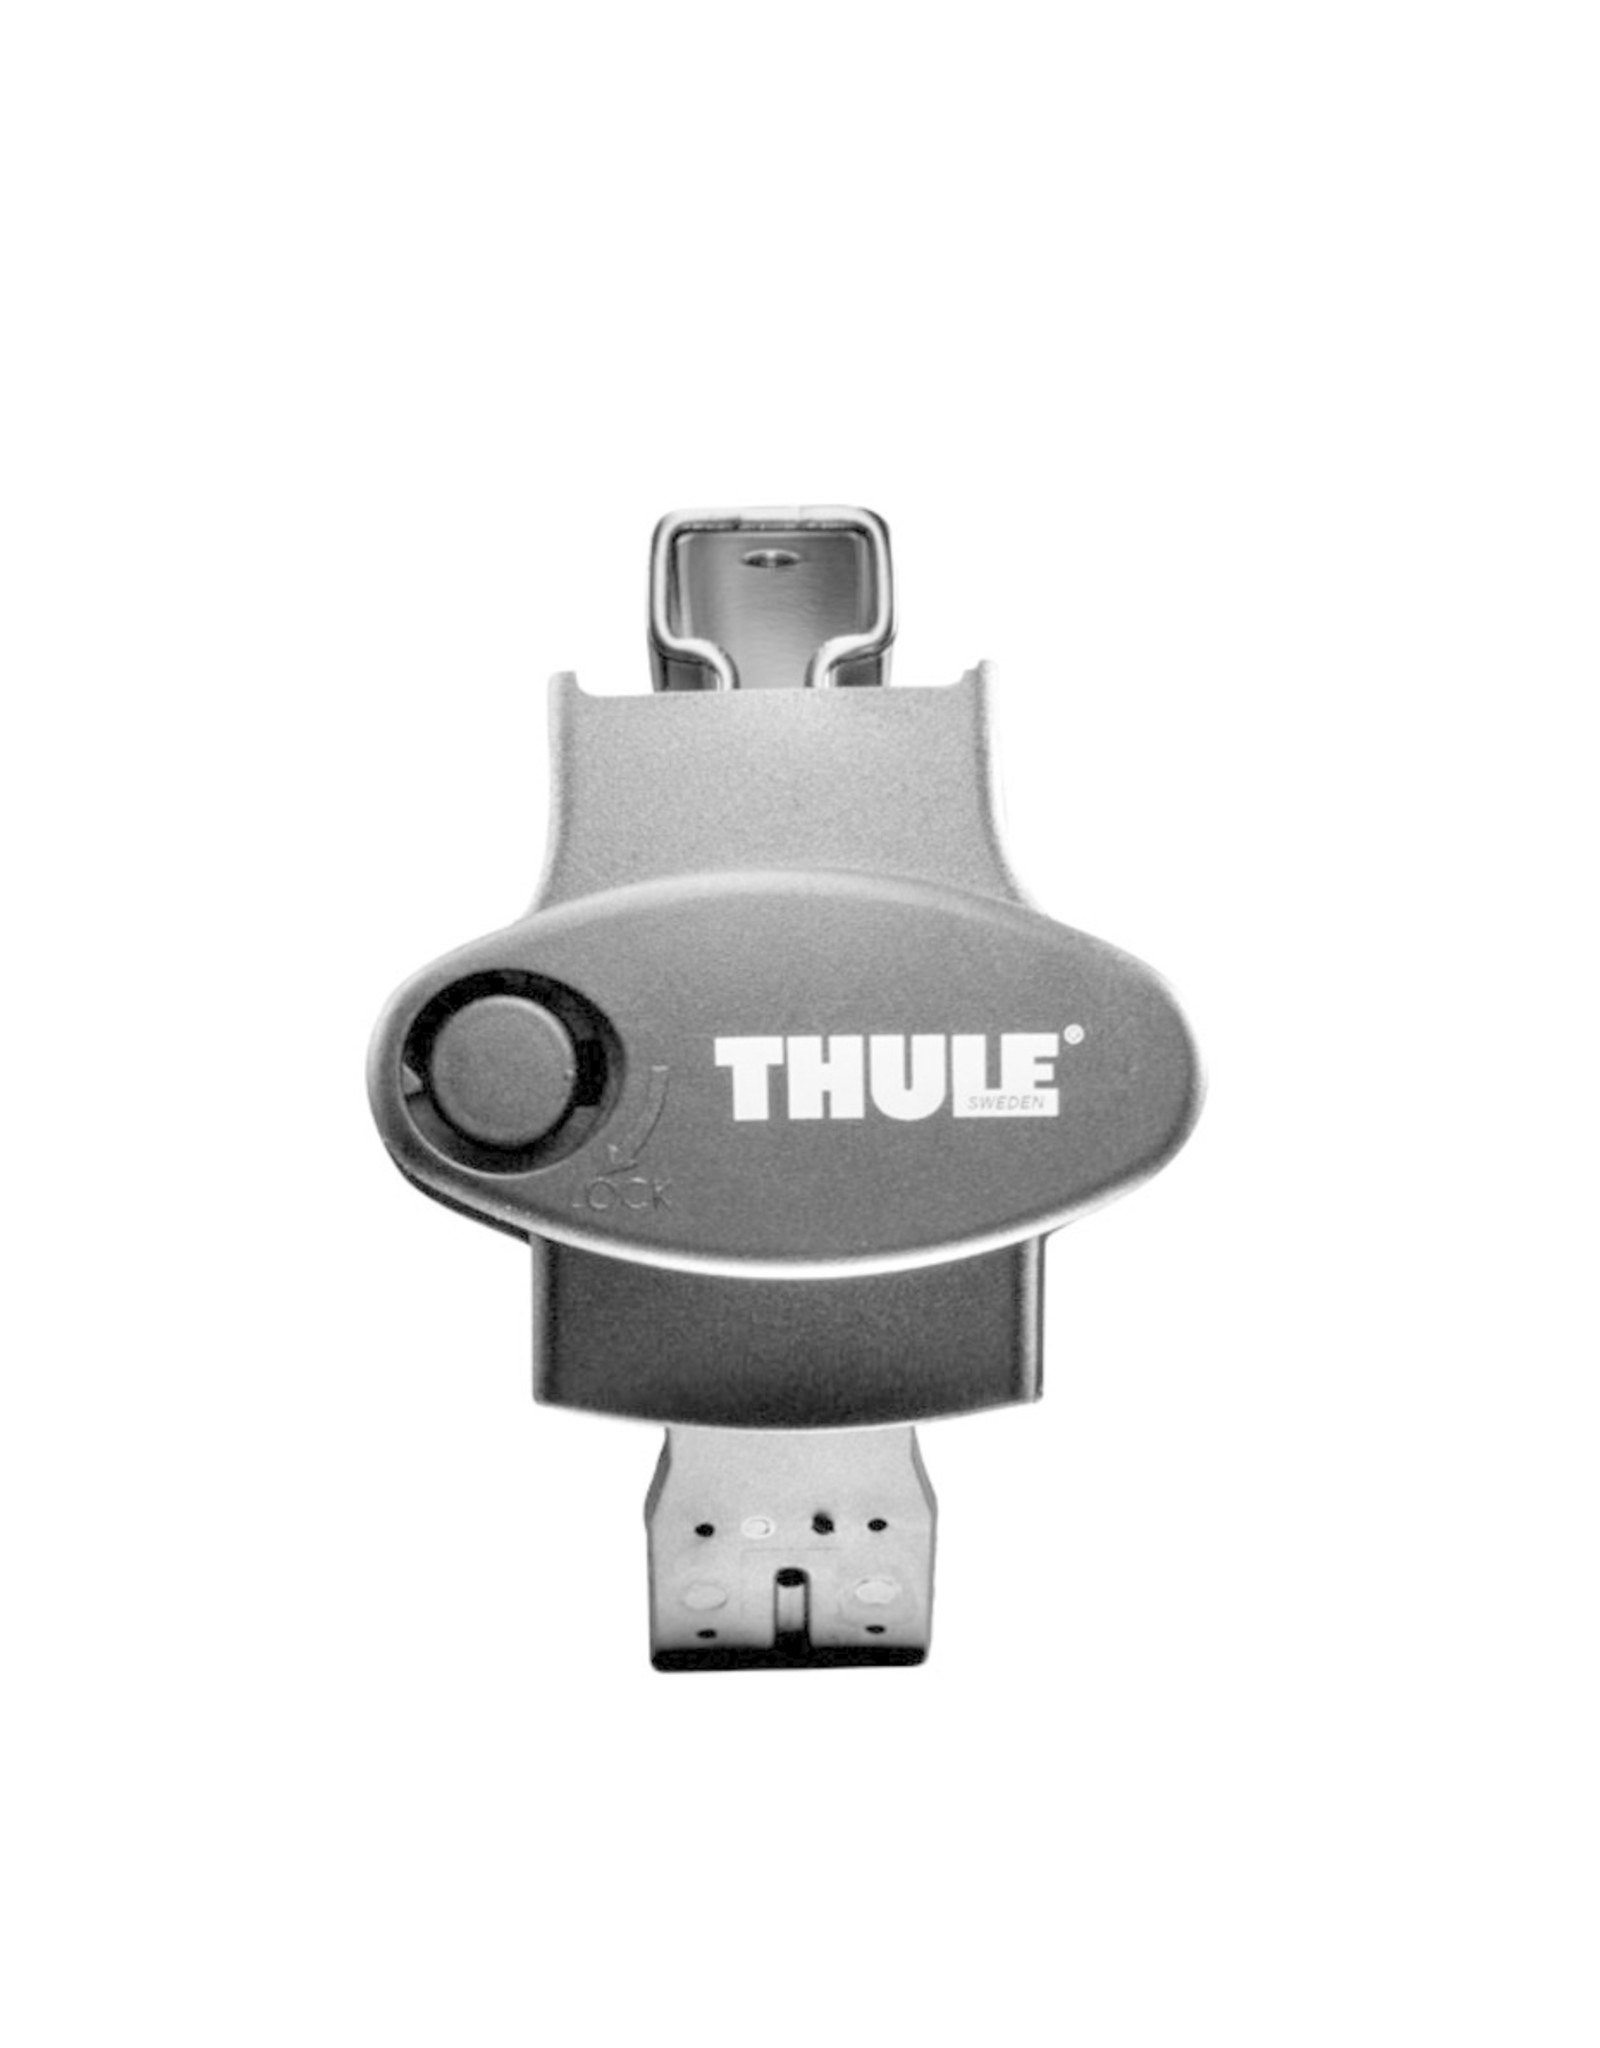 Thule Thule 450R Rapid Crossroad Footpack